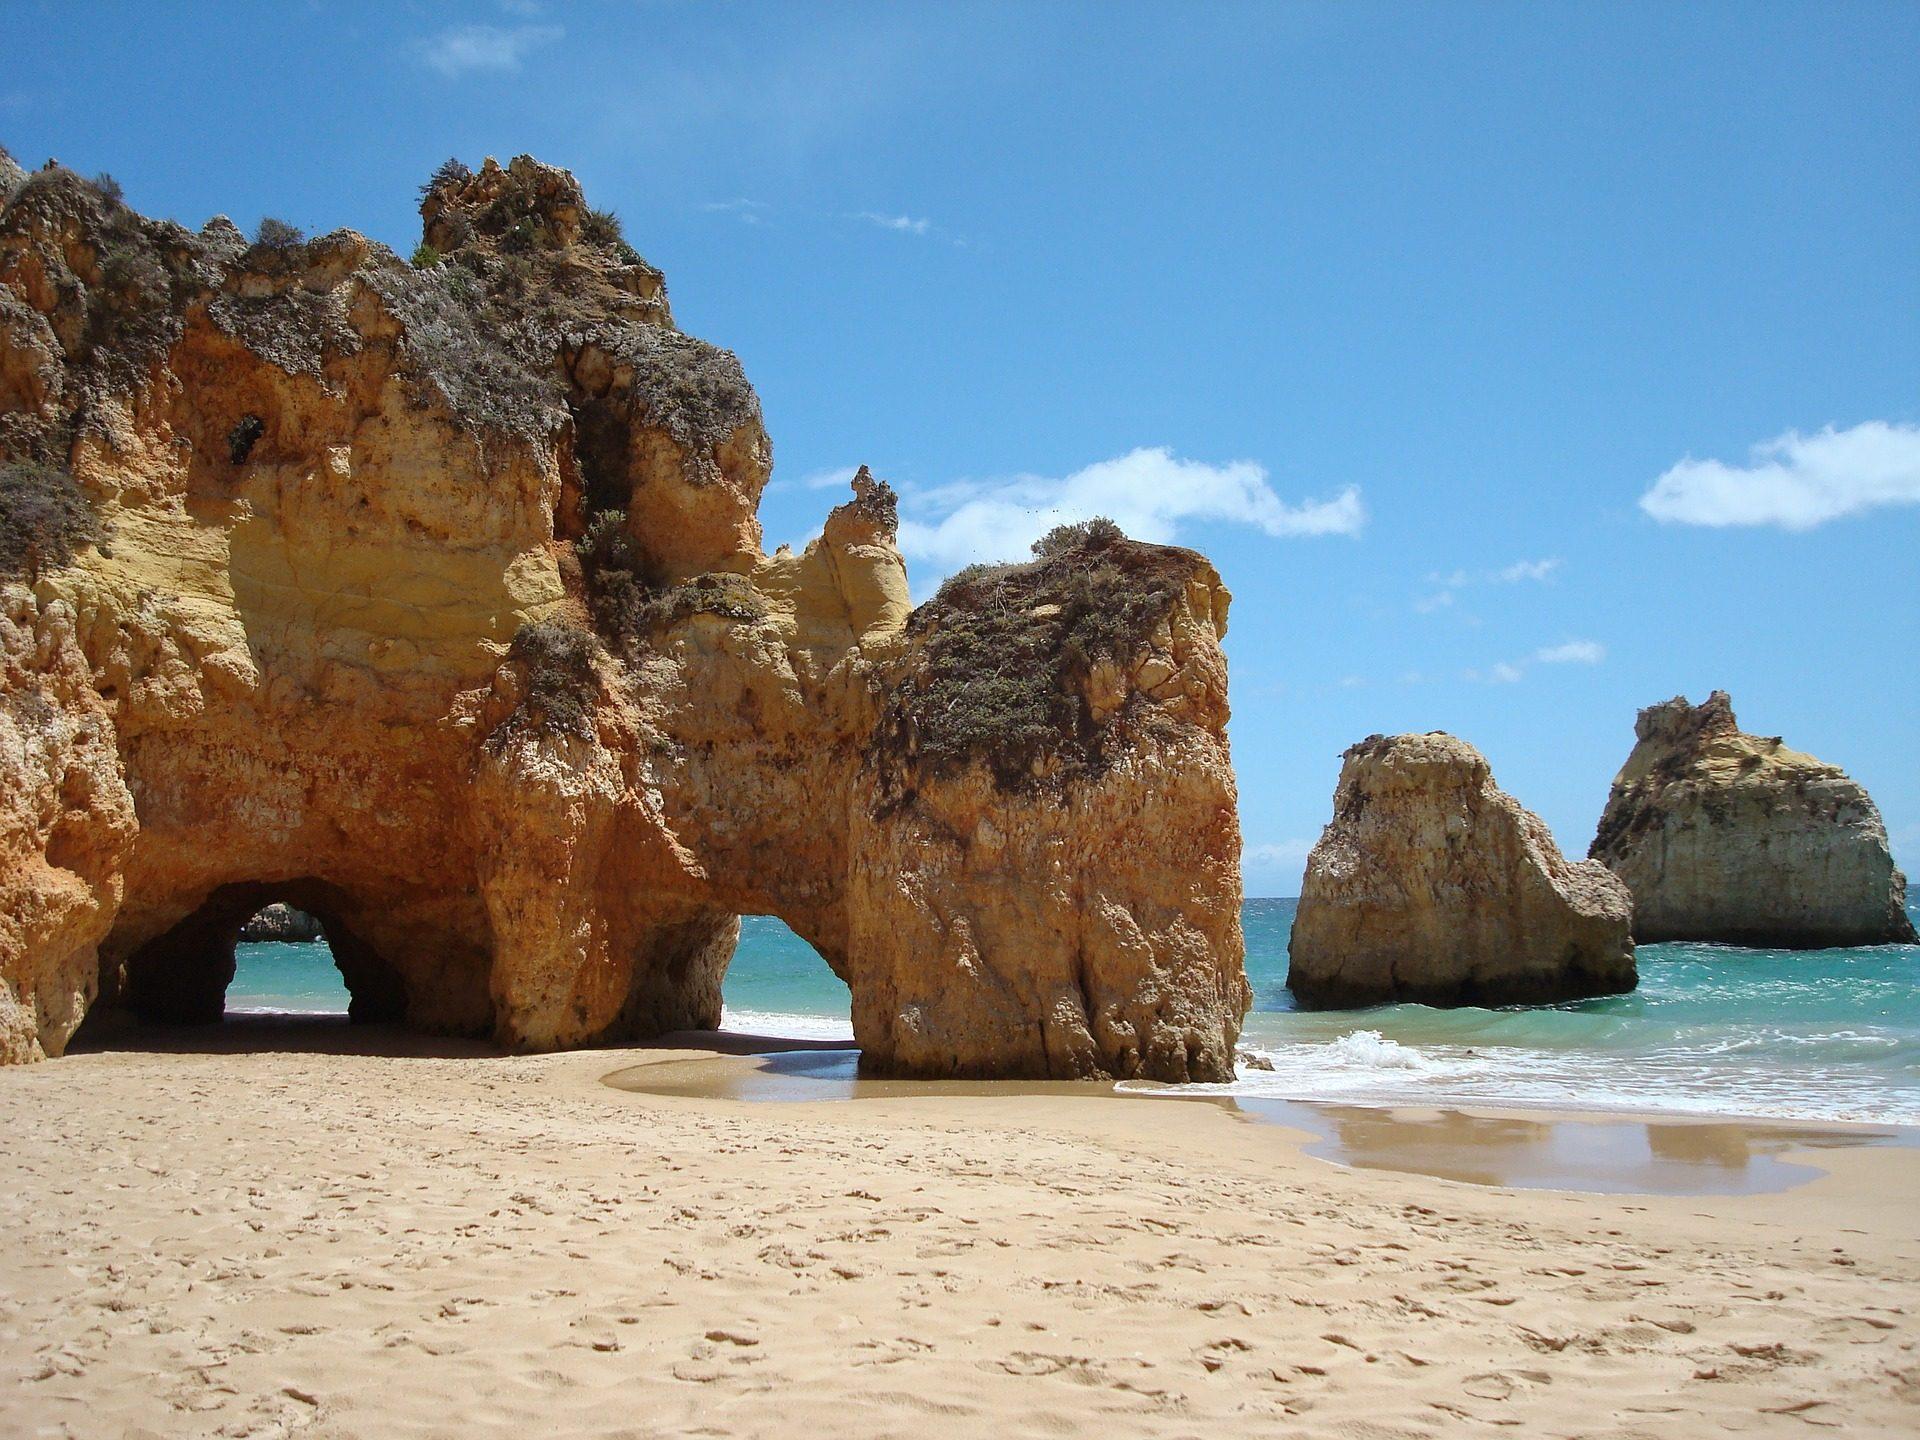 Flugangebot nach Portugal ab 3,90€ solltest du warnehmen bei diesem Traumstrand